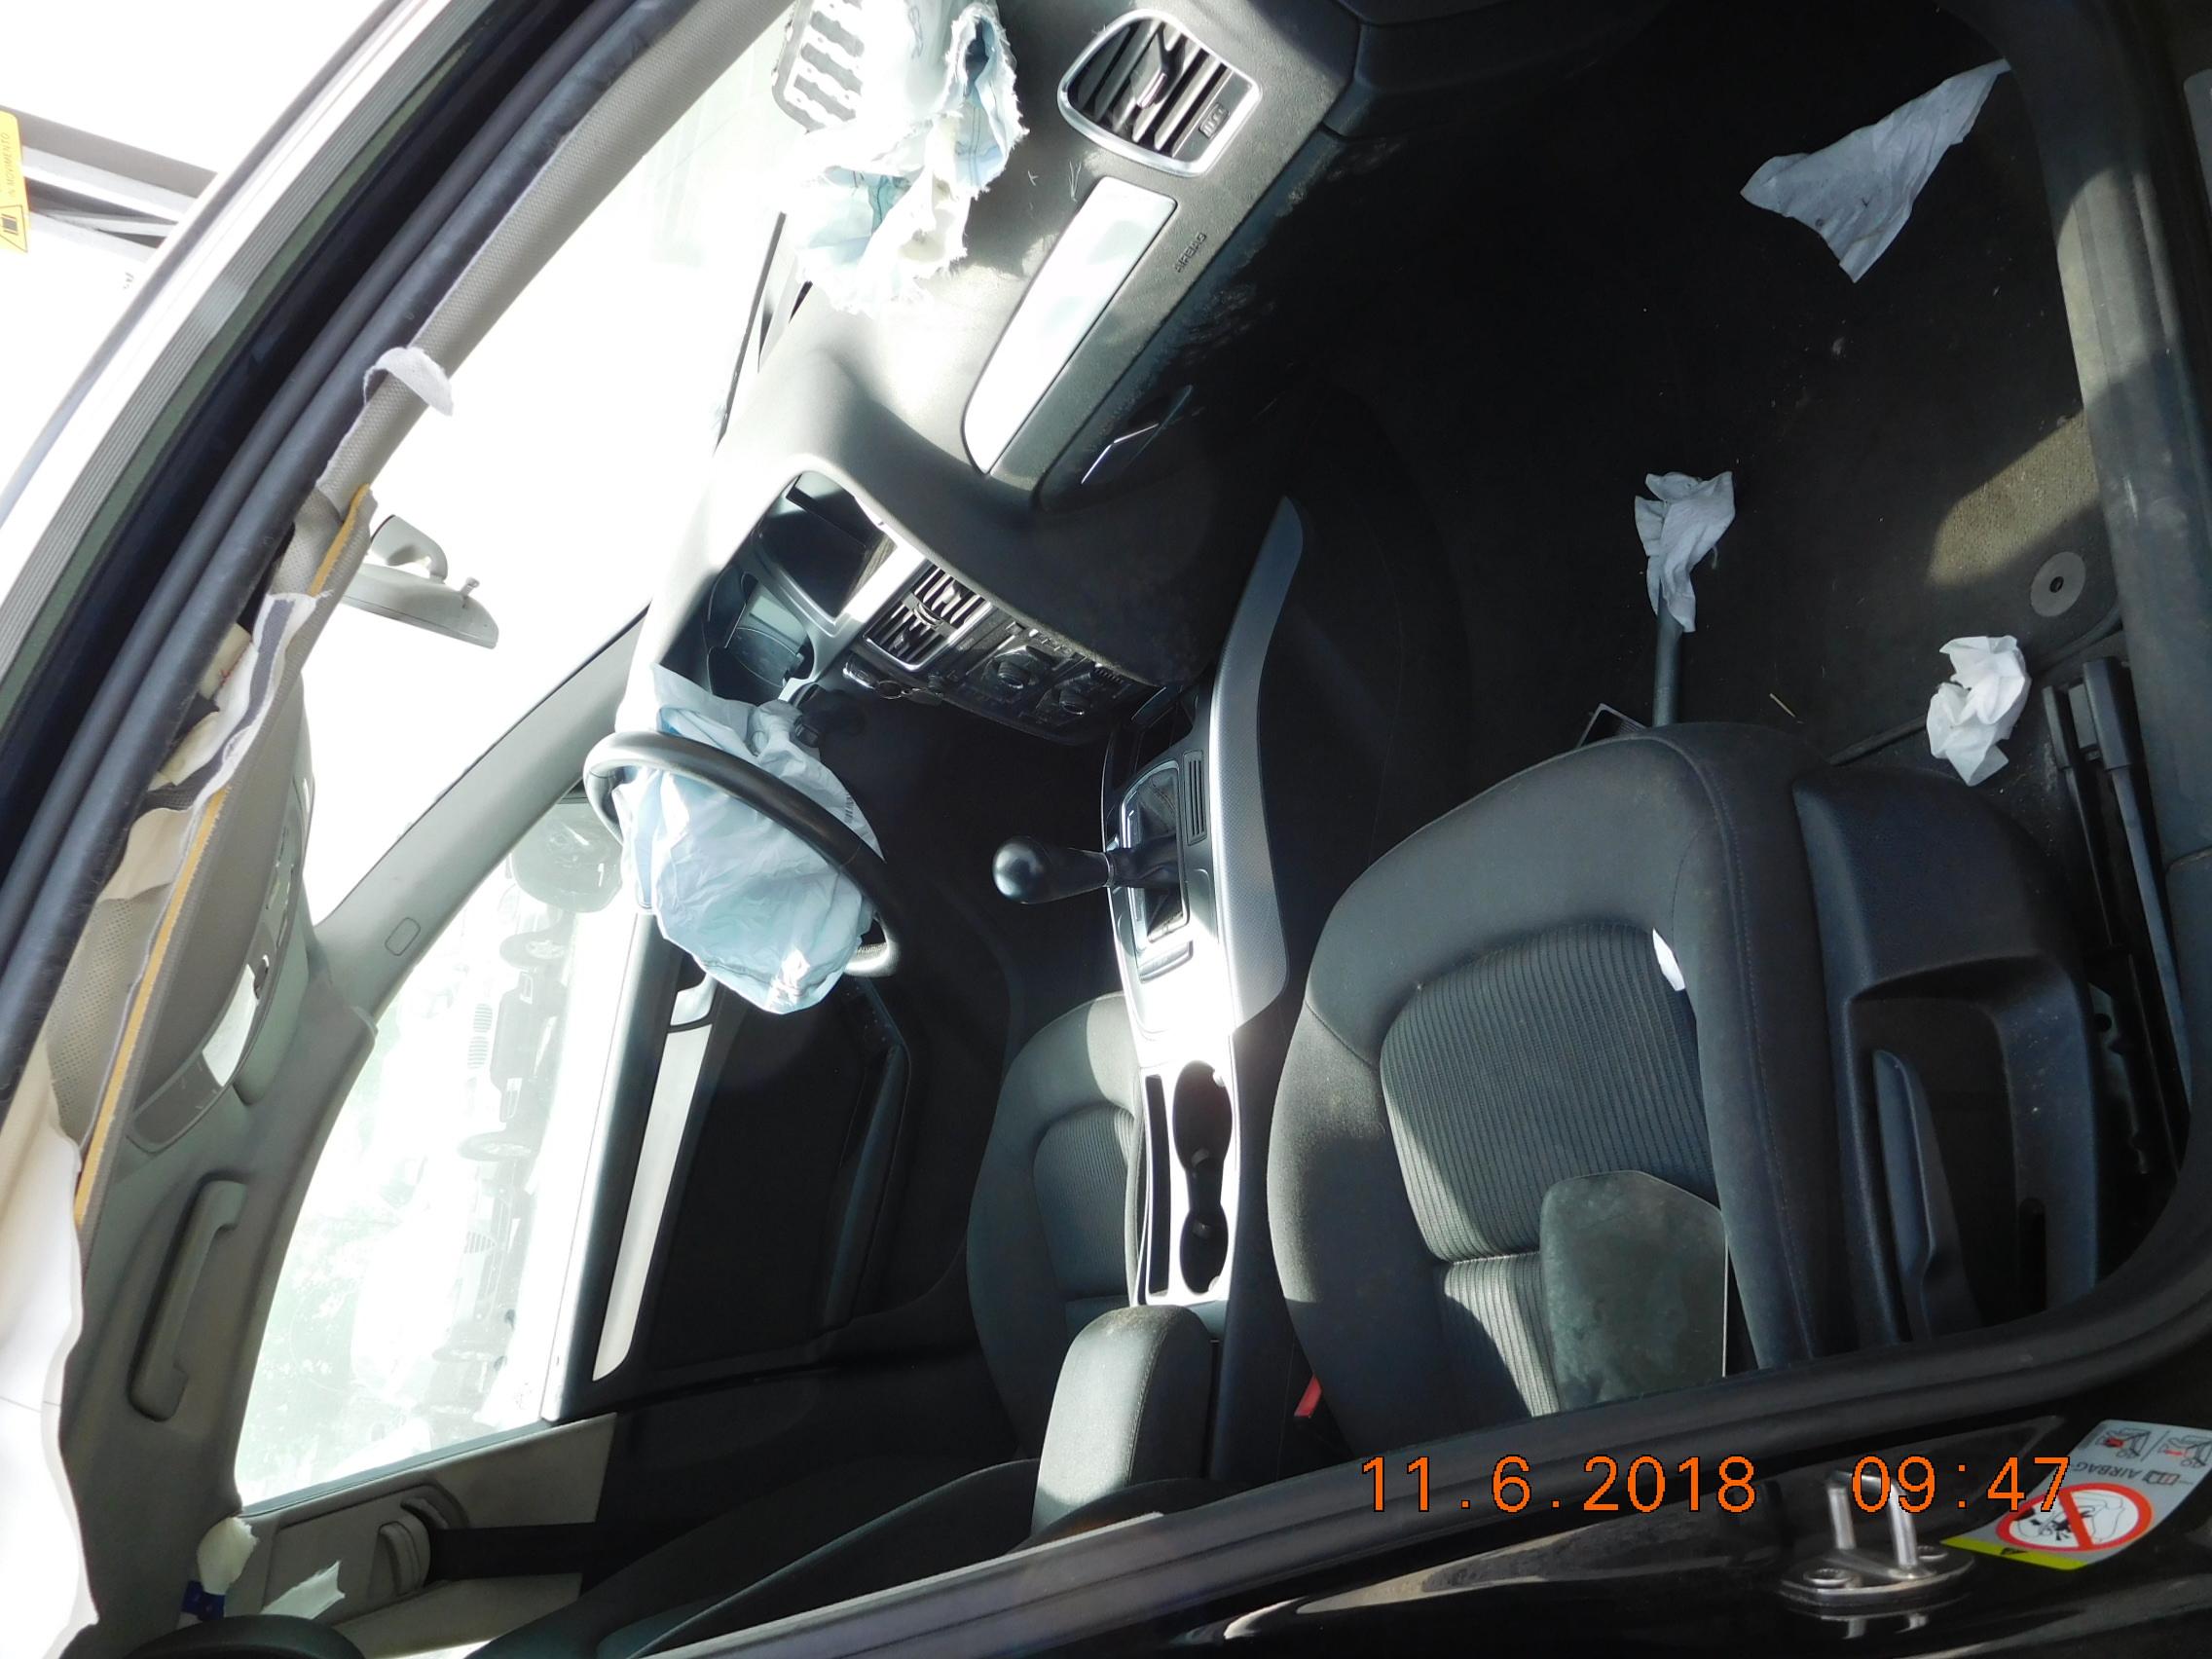 AUDI A4 INCIDENTATA in vendita - foto 7